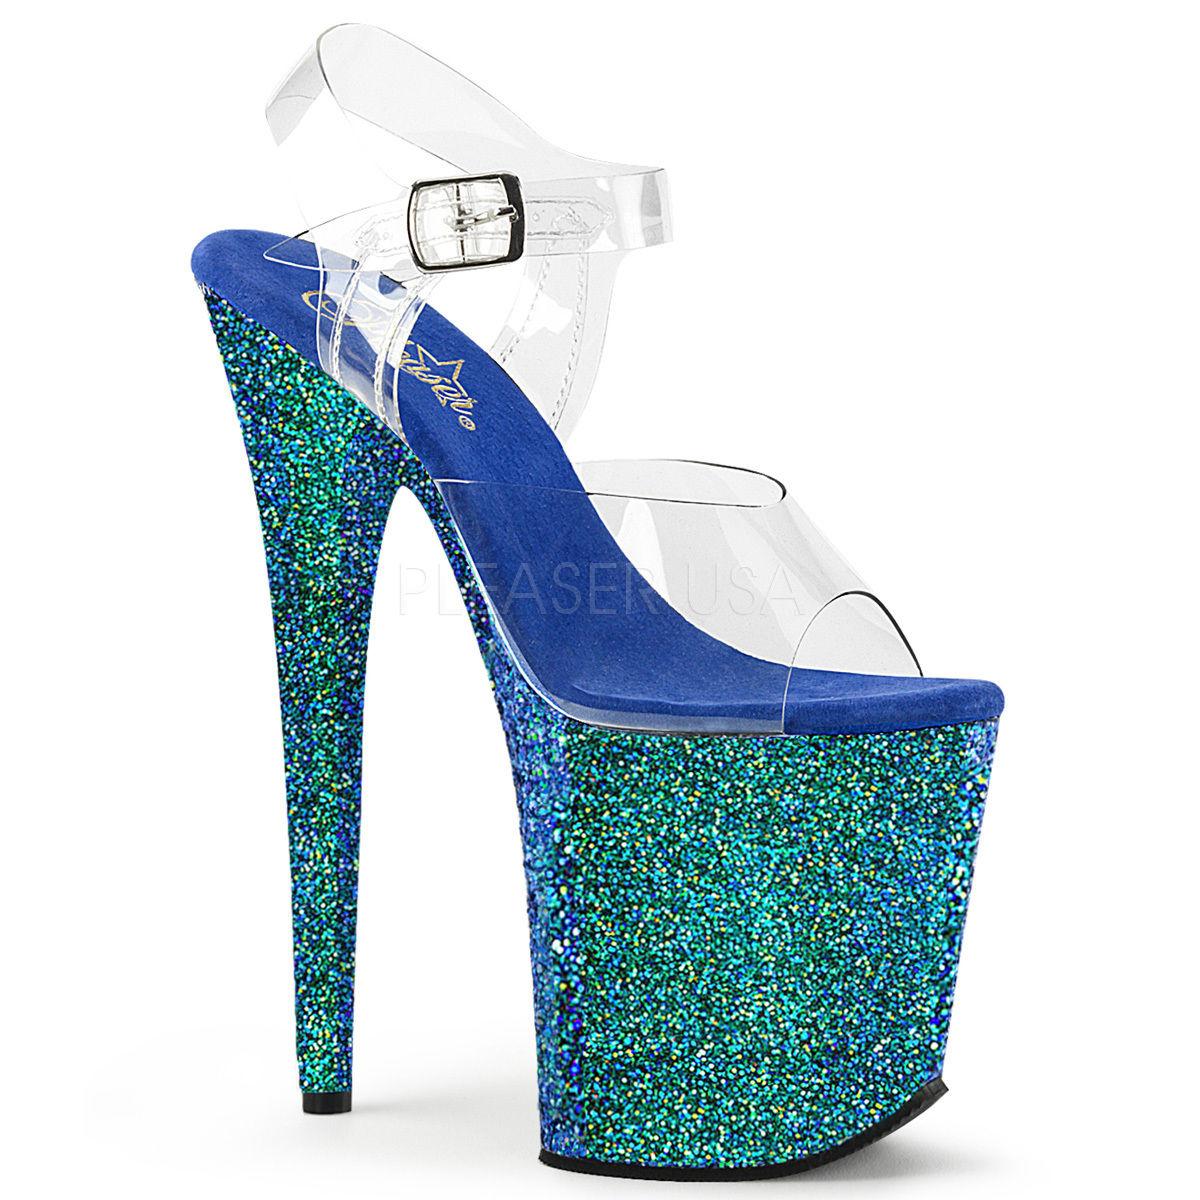 【お取り寄せ】【Pleaser】FLAMINGO-808LG  Clr/Blue Holo Glitter エキゾチックなカラーに一目ぼれ!プリーザ 厚底 ヒール サンダル キャバ